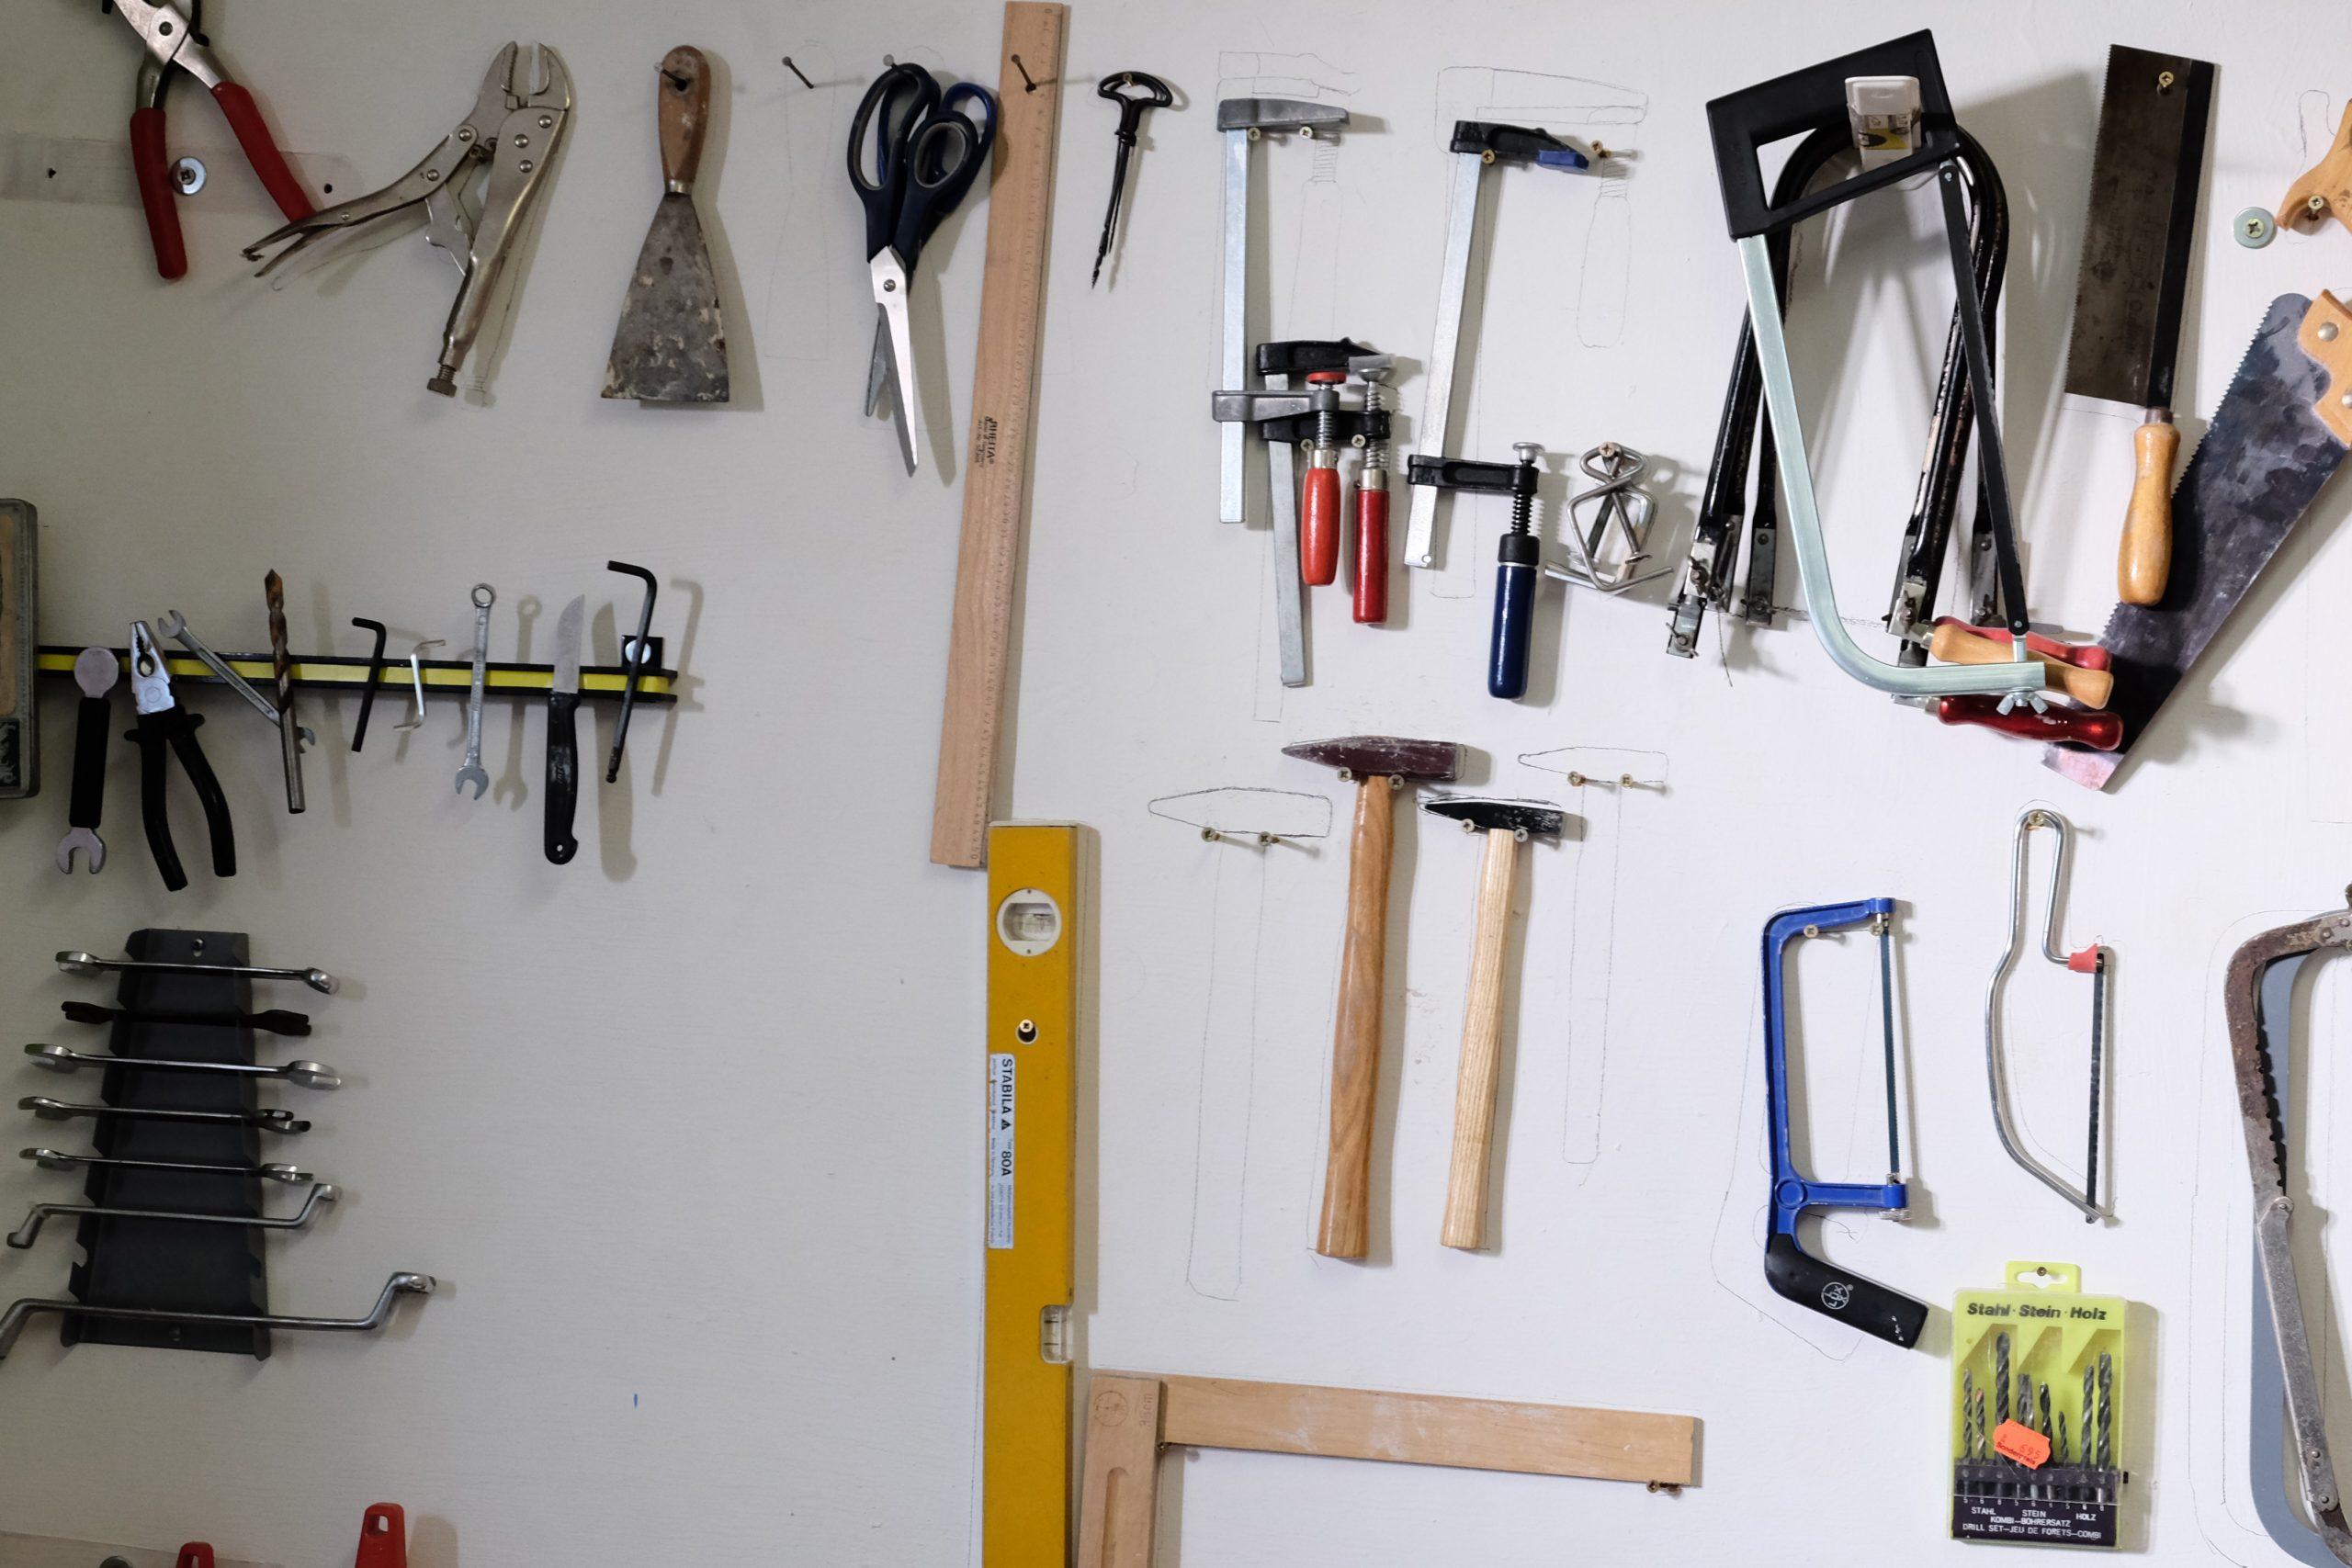 Weiße Wand mit einem darauf hängendem Werkzeug